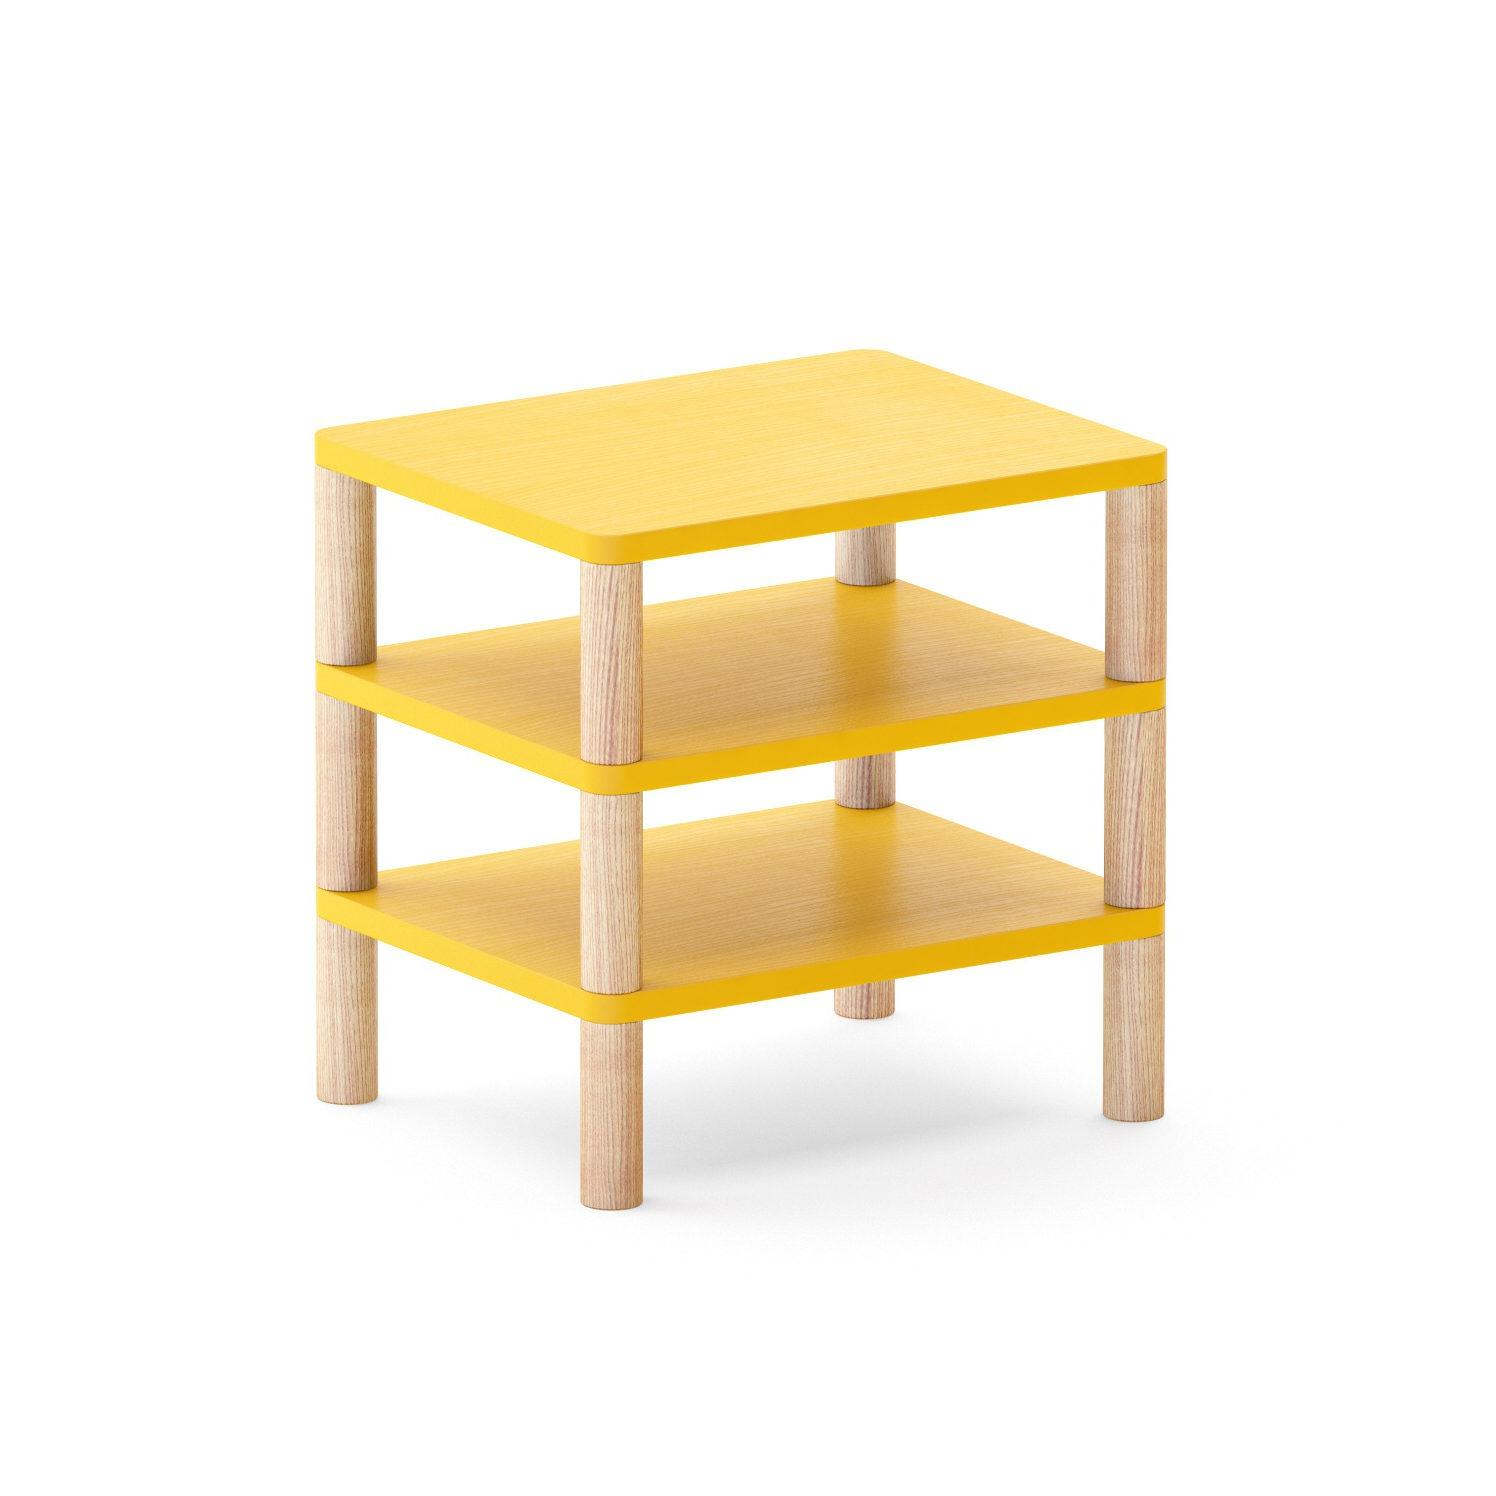 Прикроватная тумба GrimmПрикроватные тумбы, комоды, столики<br>&amp;lt;div&amp;gt;Данная позиция доступна во множестве цветовых вариантов, а также с темными или светлыми ножками.&amp;lt;/div&amp;gt;&amp;lt;div&amp;gt;&amp;lt;br&amp;gt;&amp;lt;/div&amp;gt;&amp;lt;div&amp;gt;Материал: корпус: крашеный МДФ, ножки: массив ясеня.&amp;amp;nbsp;&amp;lt;/div&amp;gt;&amp;lt;div&amp;gt;Возможен заказ изделия с отделкой текстурой дерева, стоимость уточняйте у менеджера.&amp;lt;/div&amp;gt;<br><br>Material: Дерево<br>Width см: 55<br>Depth см: 40<br>Height см: 50